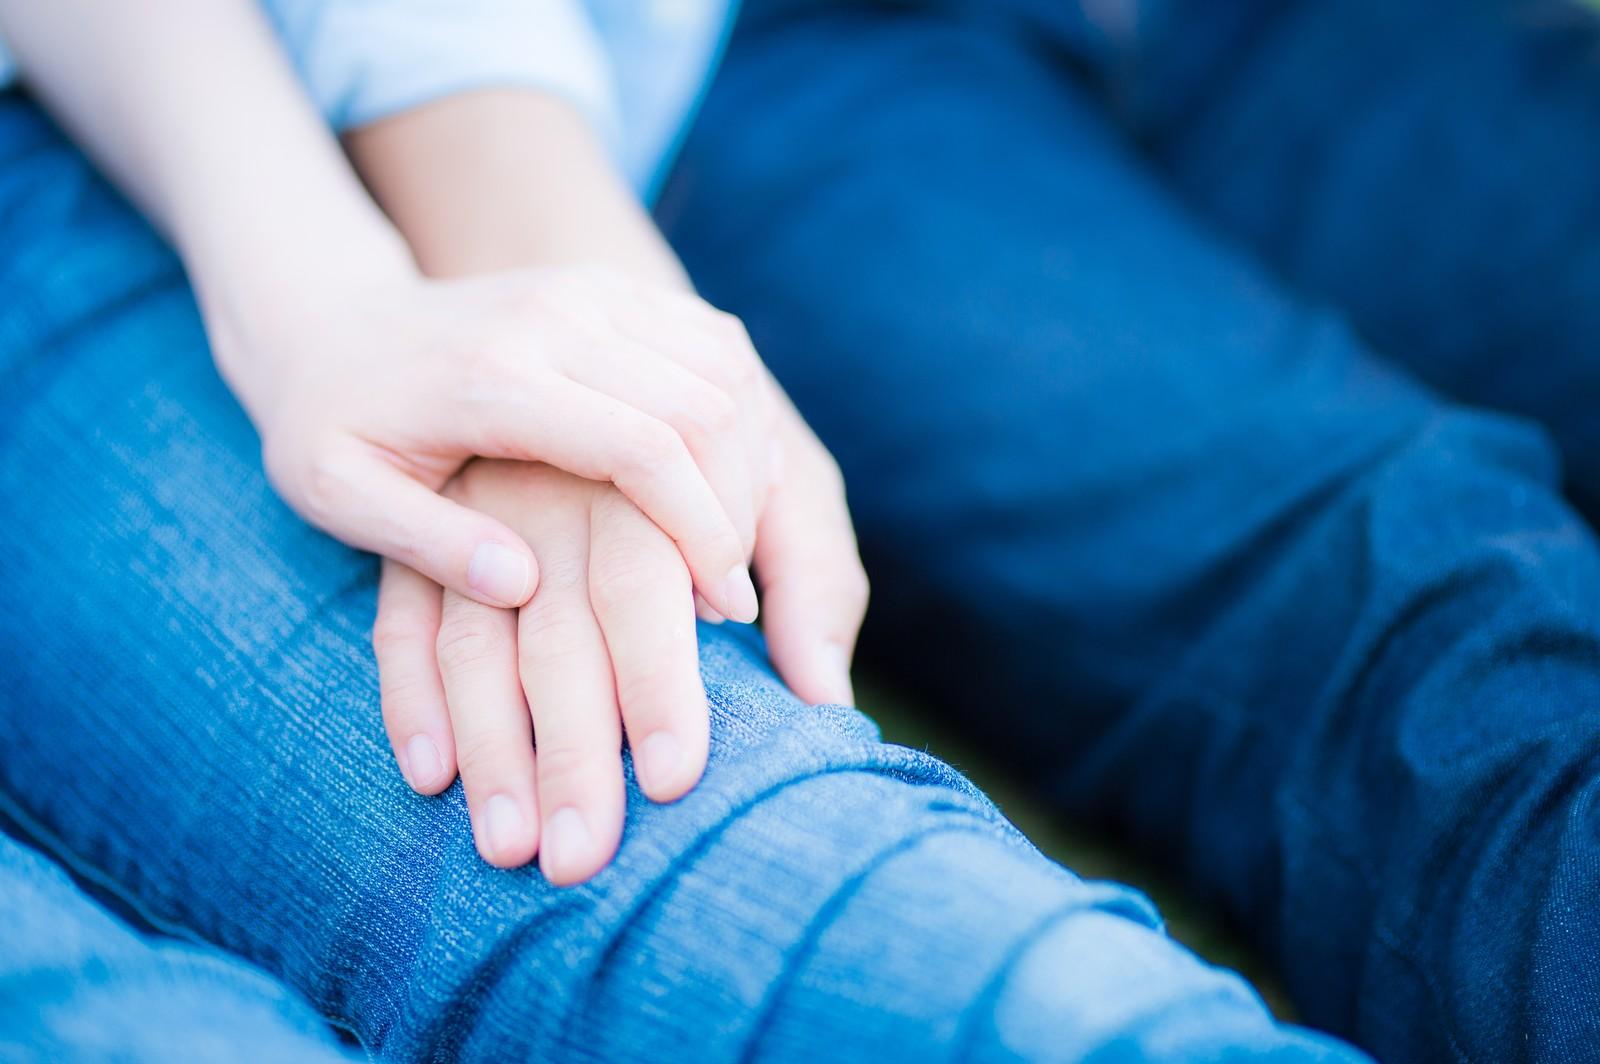 膝の上で手を重ね合っている男女